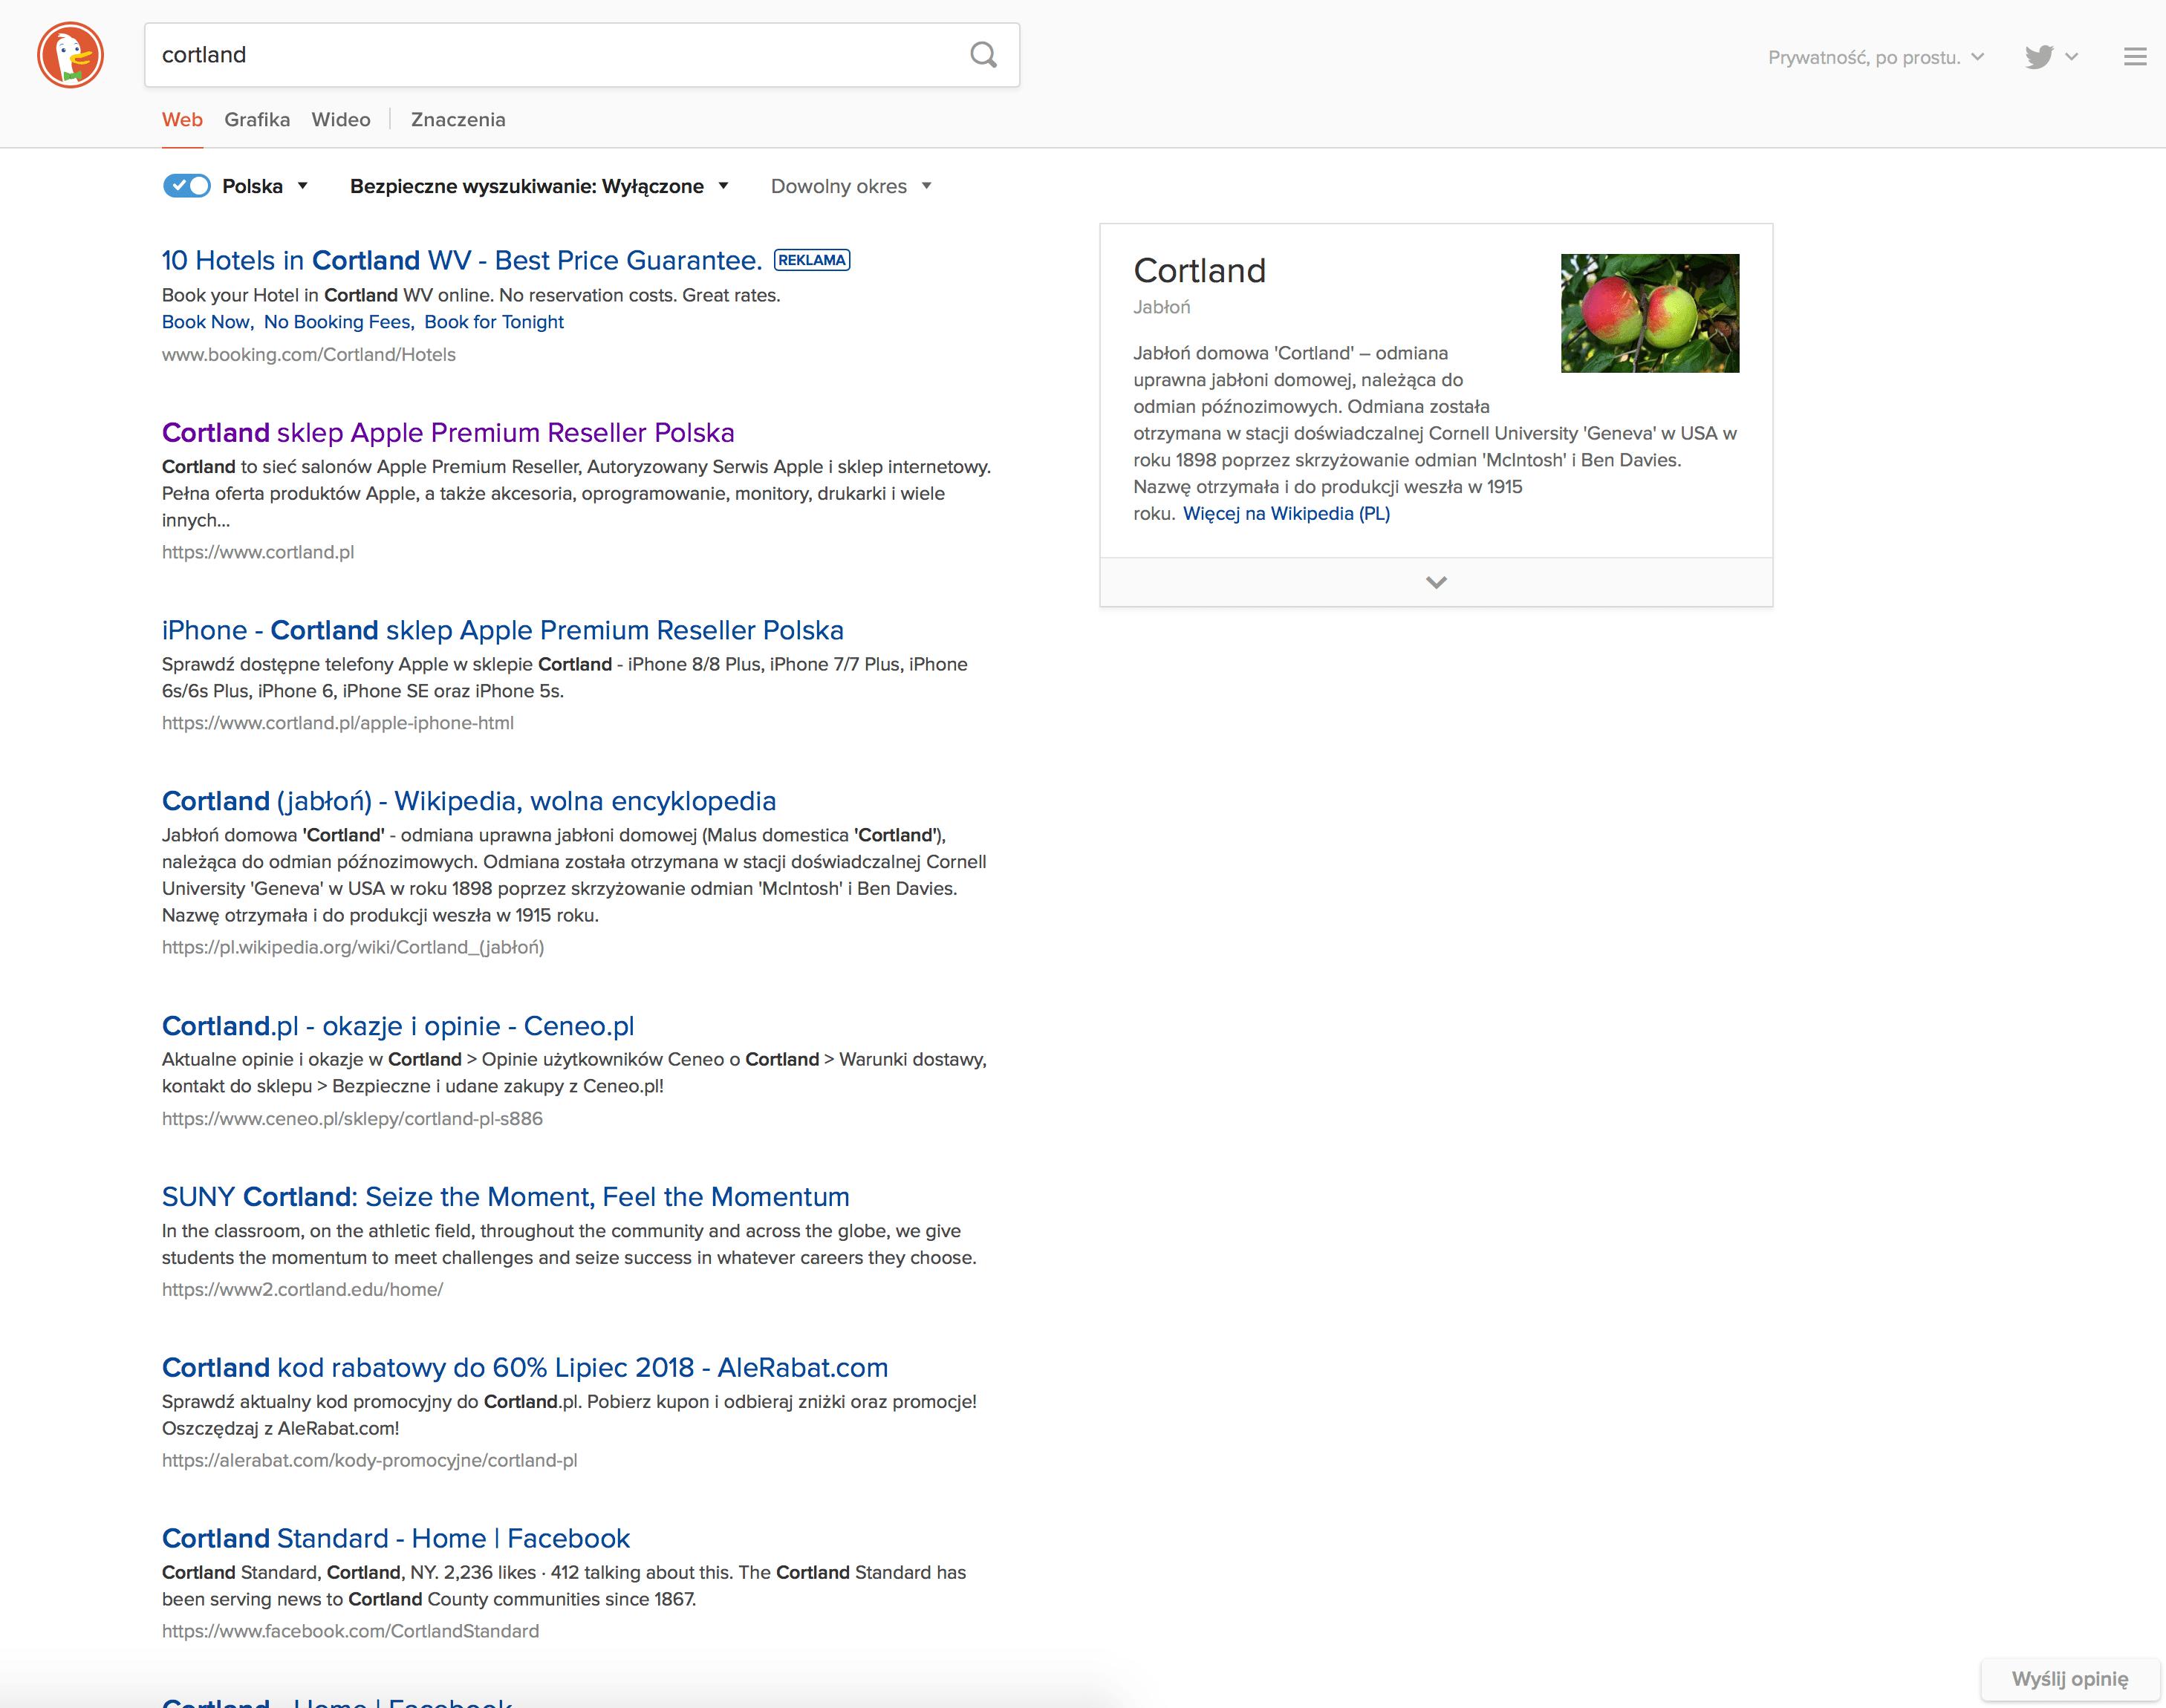 Google kontra DuckDuckGo: porównanie wyszukiwarek, wyniki